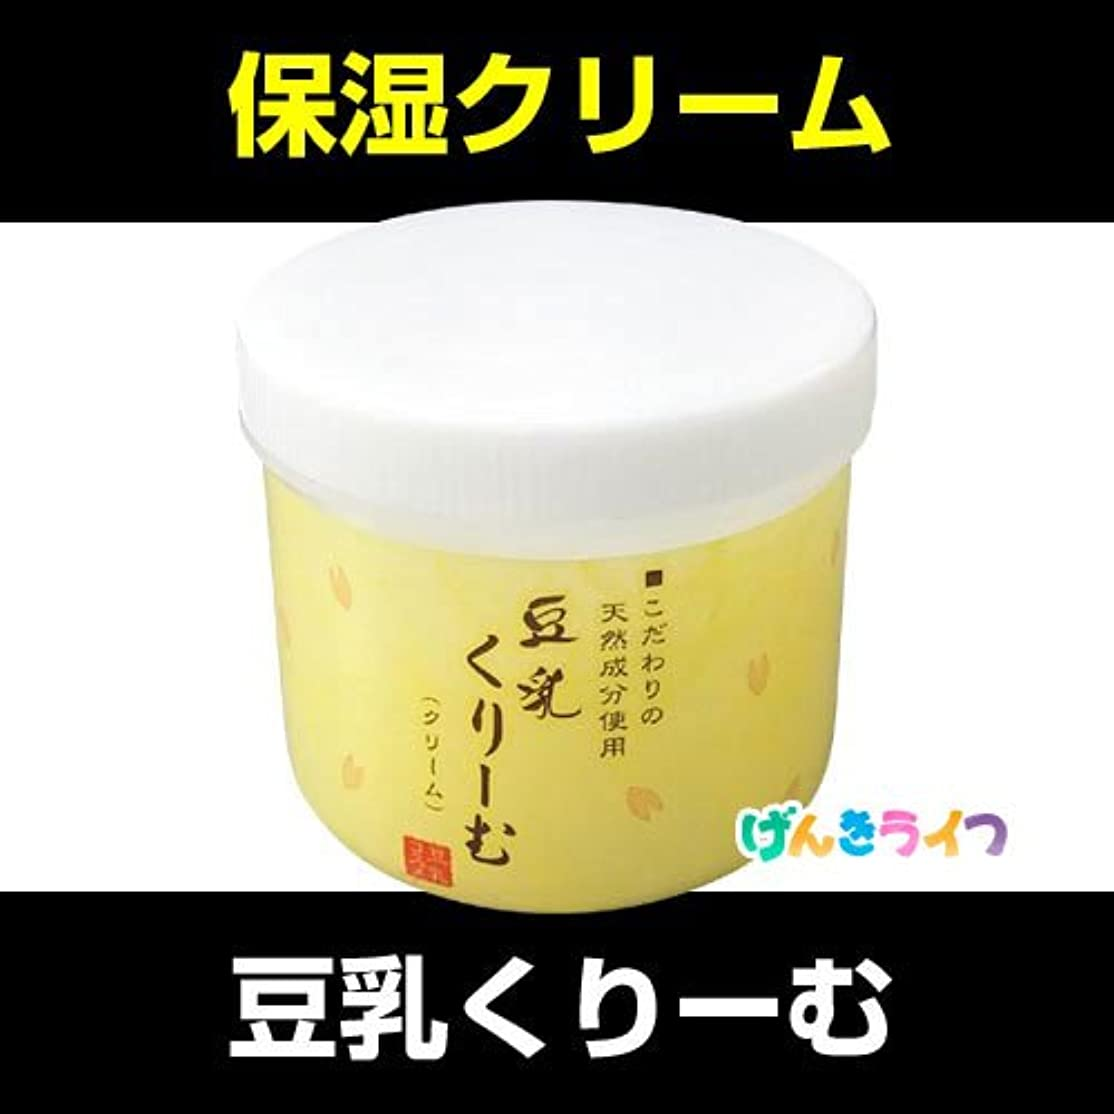 検出する新鮮な売る吉野ふじや謹製 とうにゅうくりーむ(豆乳クリーム)【3個】